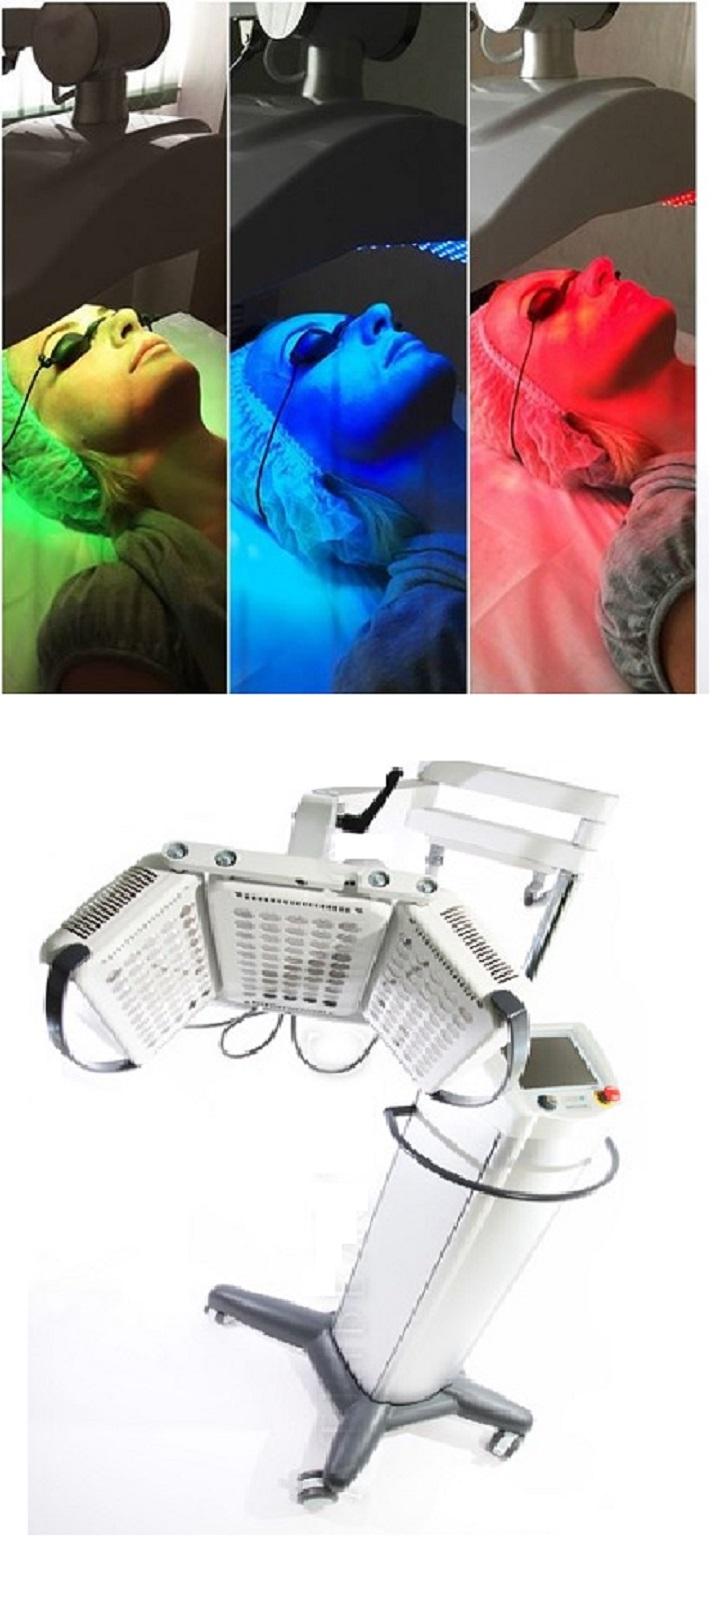 Спектры аппарата для фототерапии